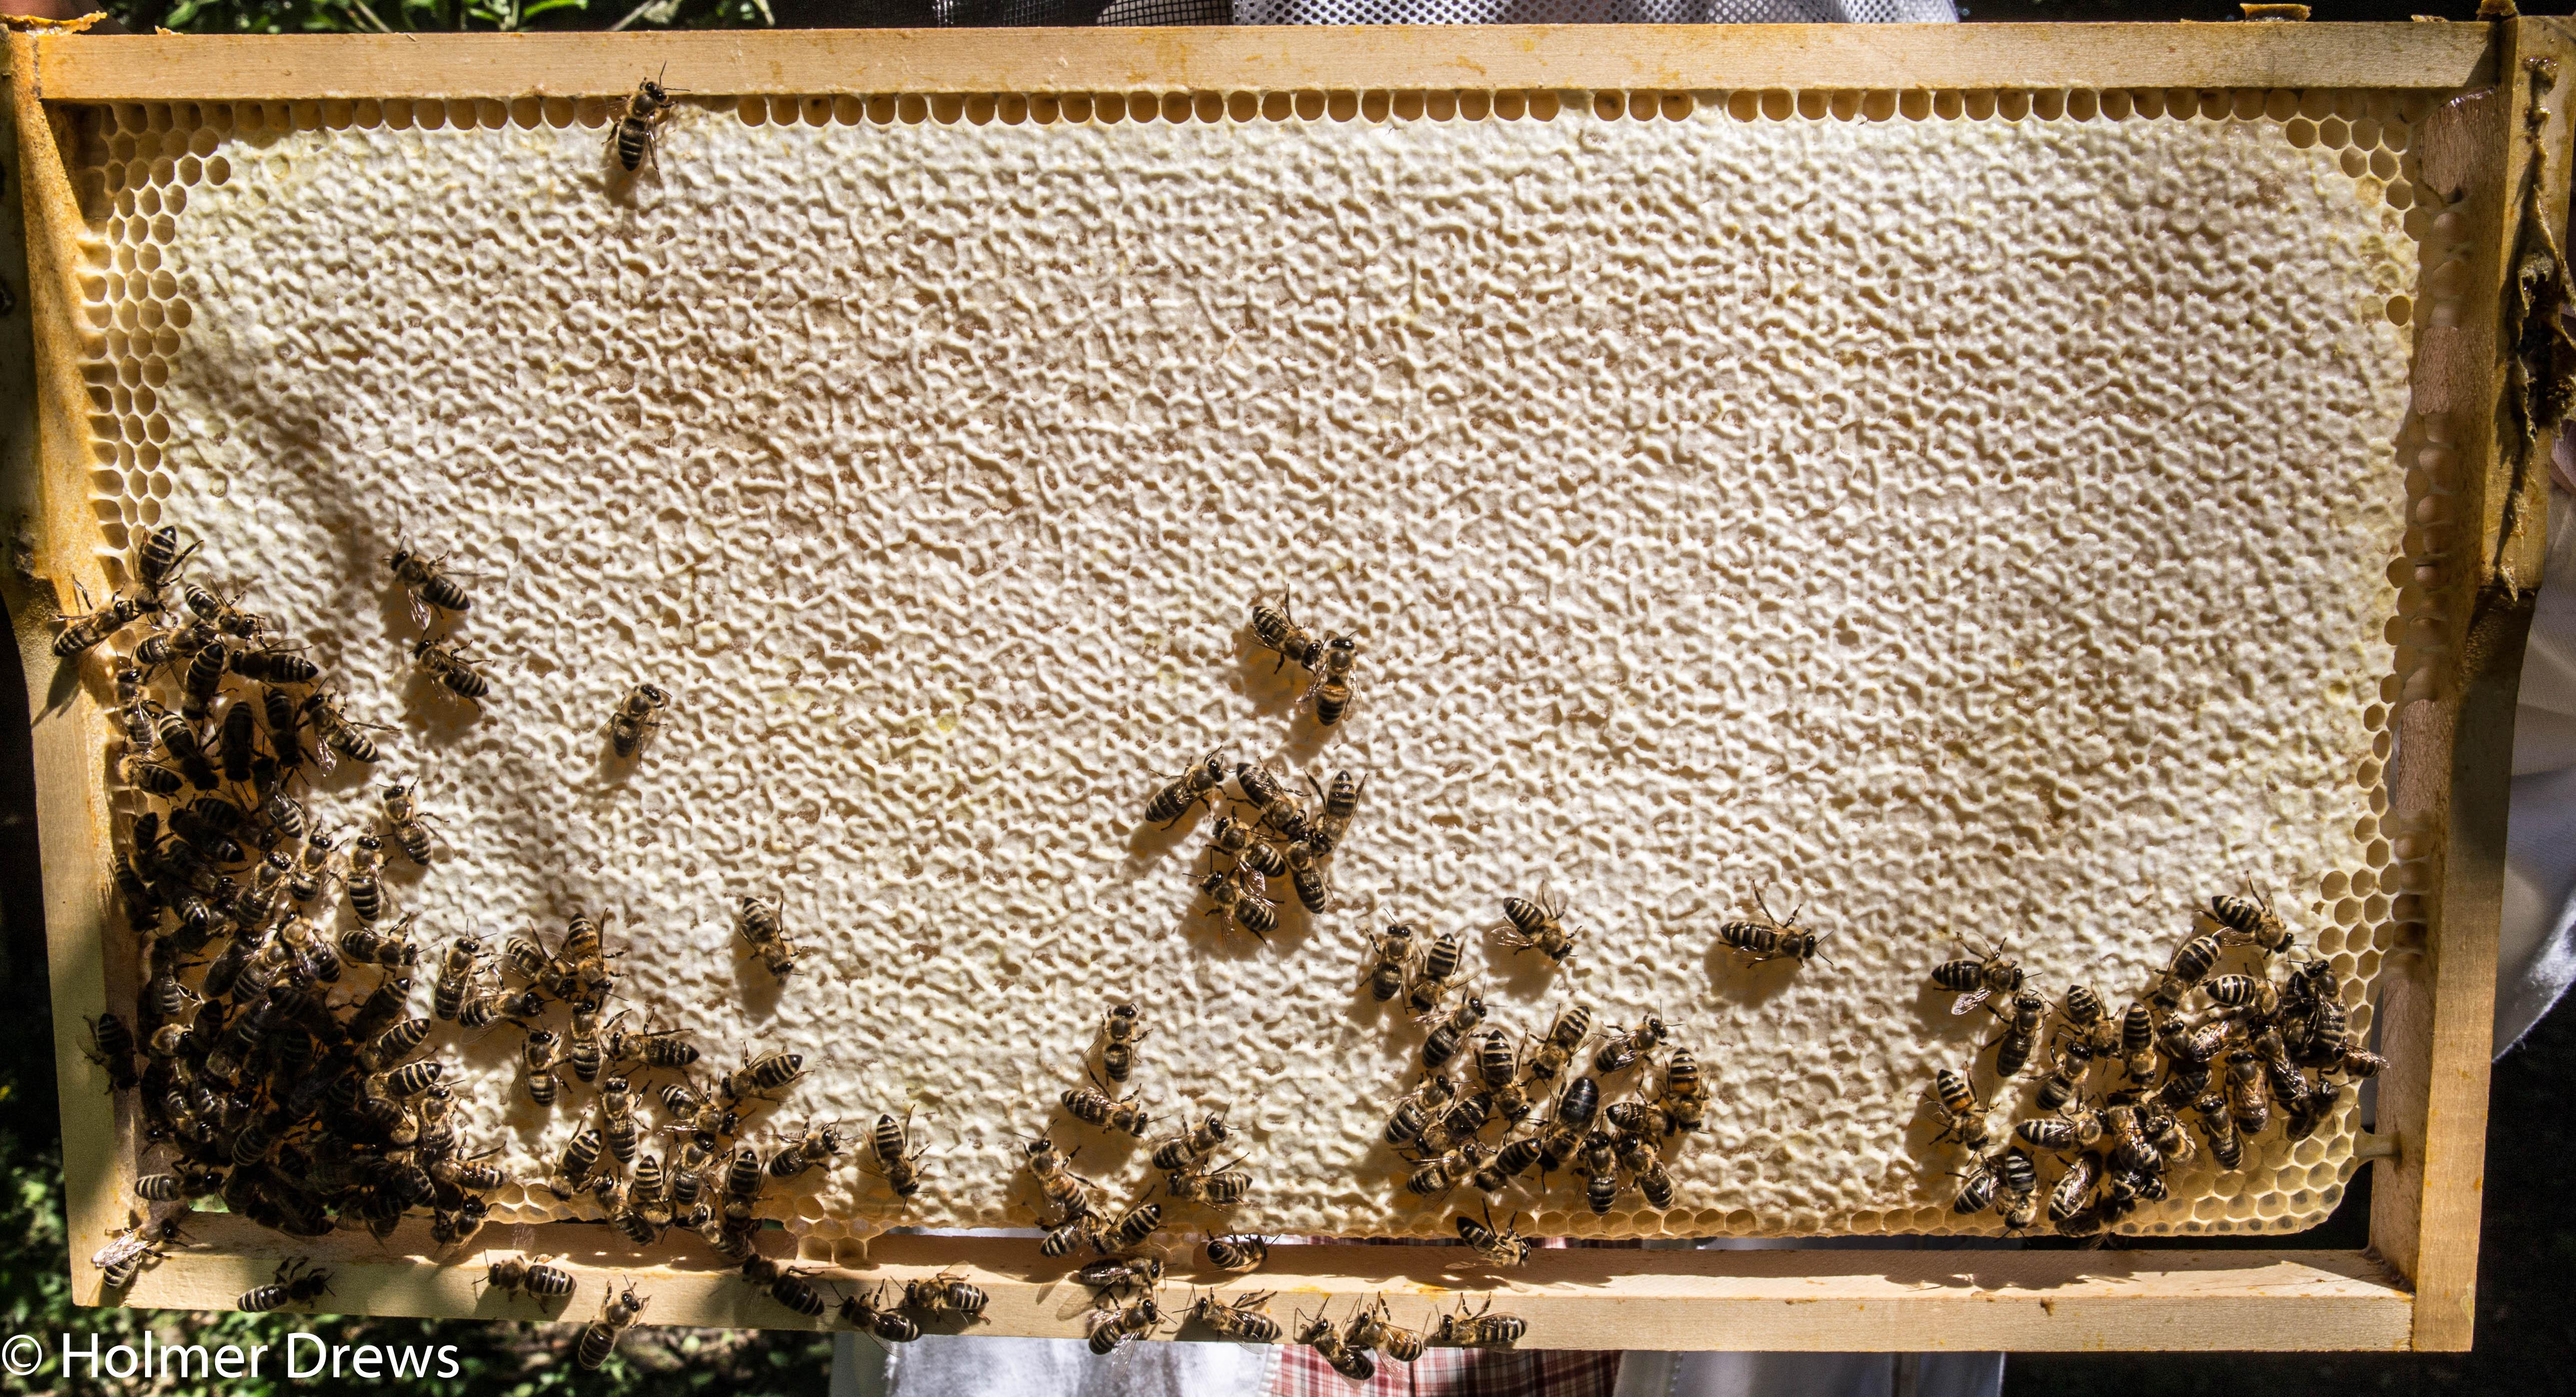 6) Bienenkrankheiten – Bienenblog.eu